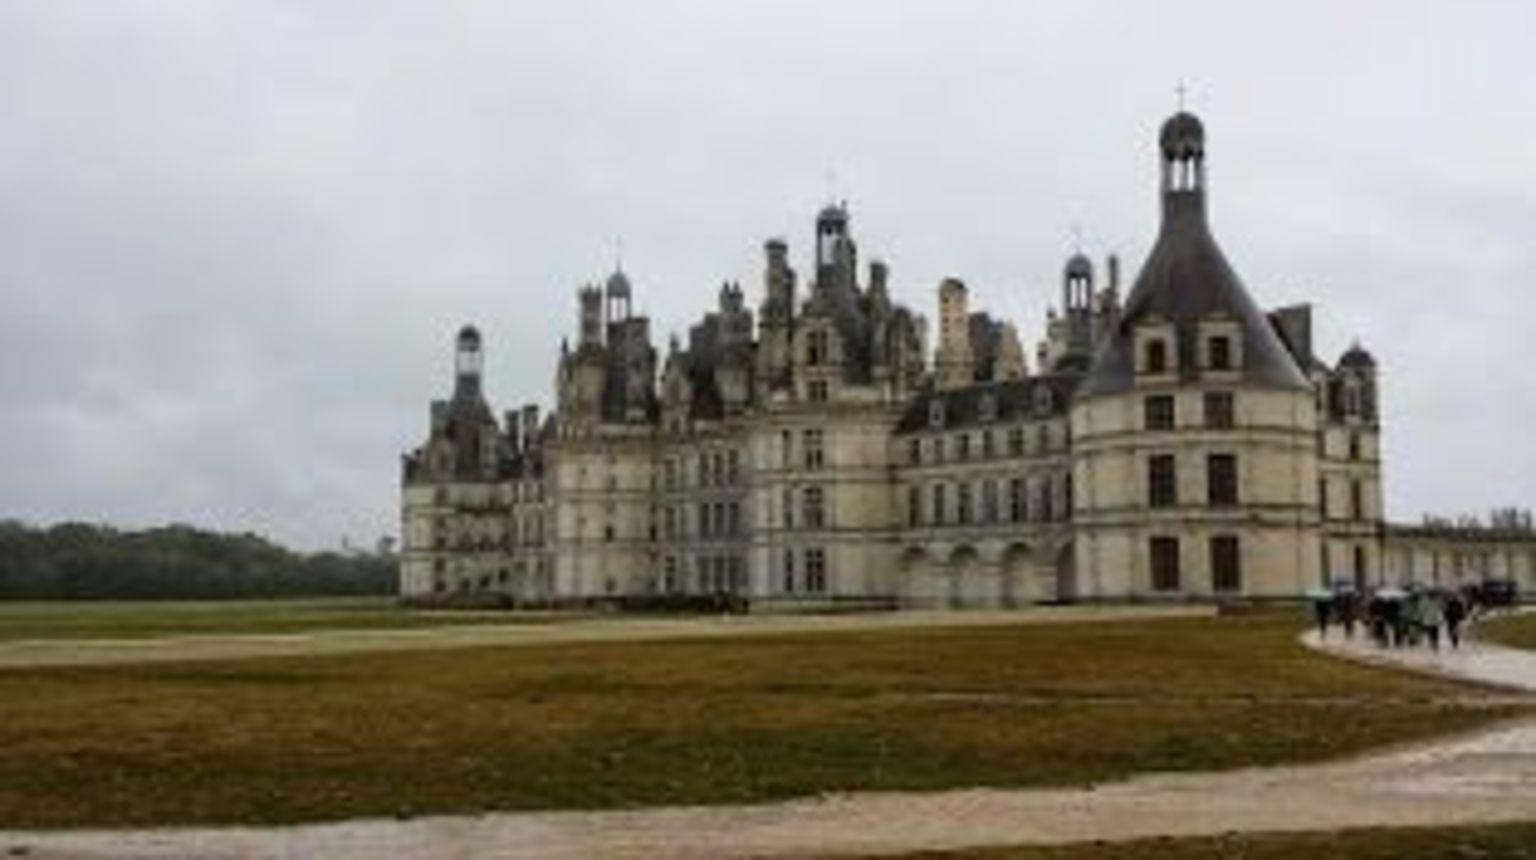 MÁS FOTOS, 3-Days Guided Normandy, St Malo, Mont Saint Michel & Loire Castles from Paris